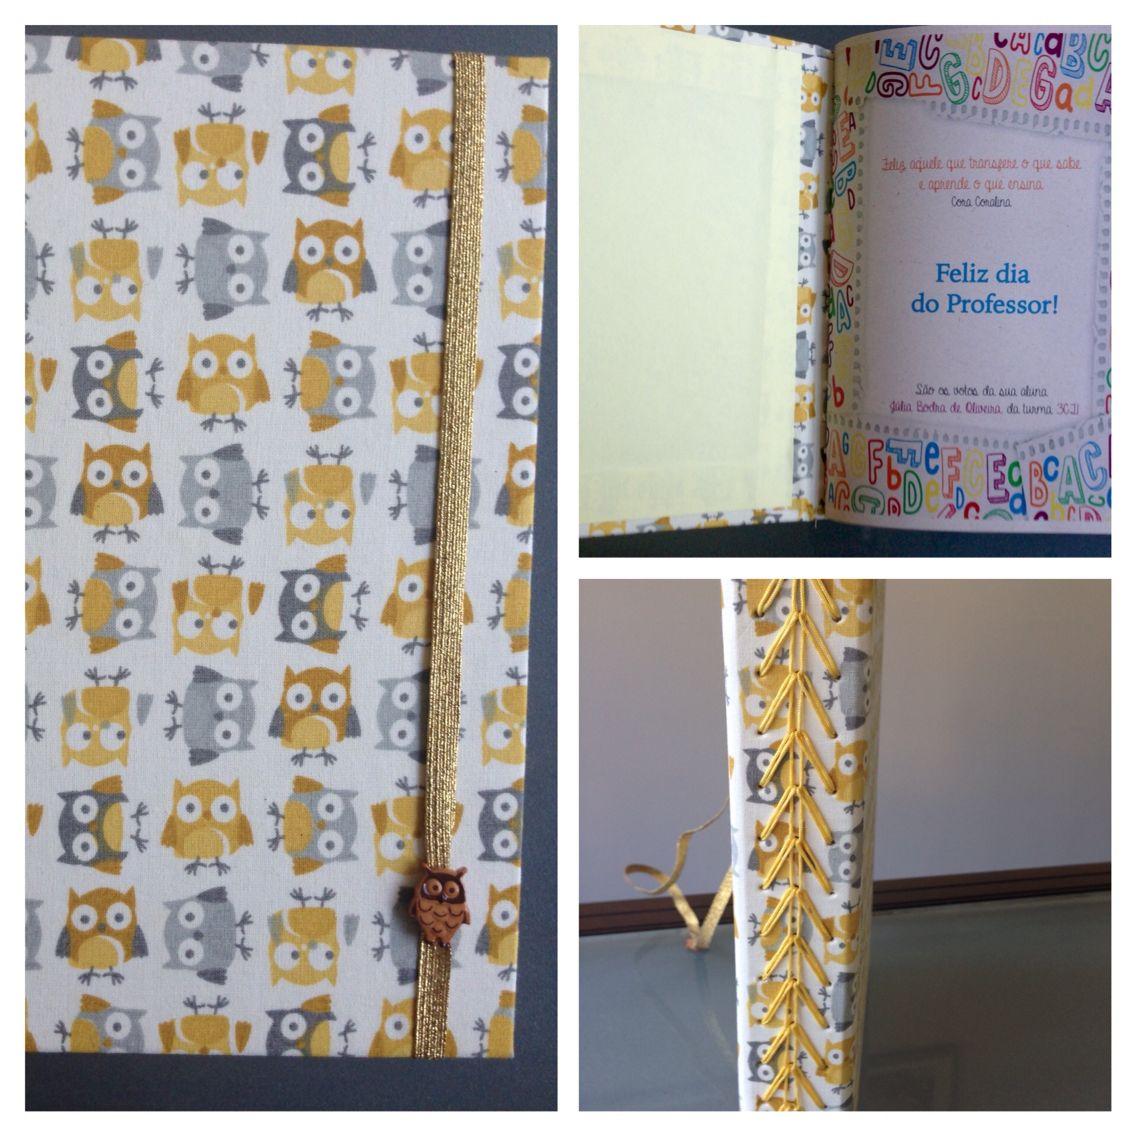 Caderno artesanal com costura triple chain. Tema corujinhas para o dia dos professores!